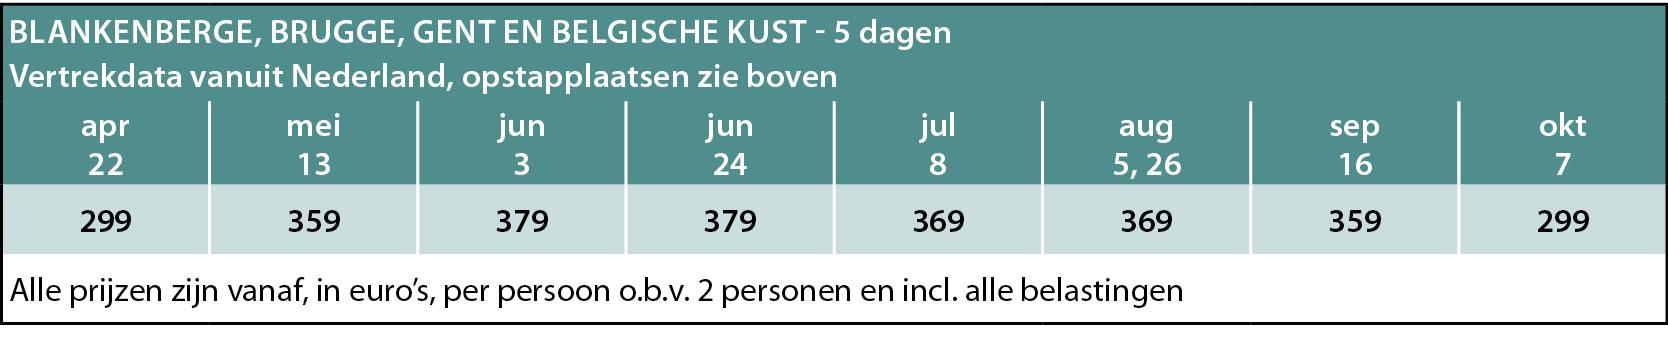 Prices-Blankenberge-Brugge-ea-2019